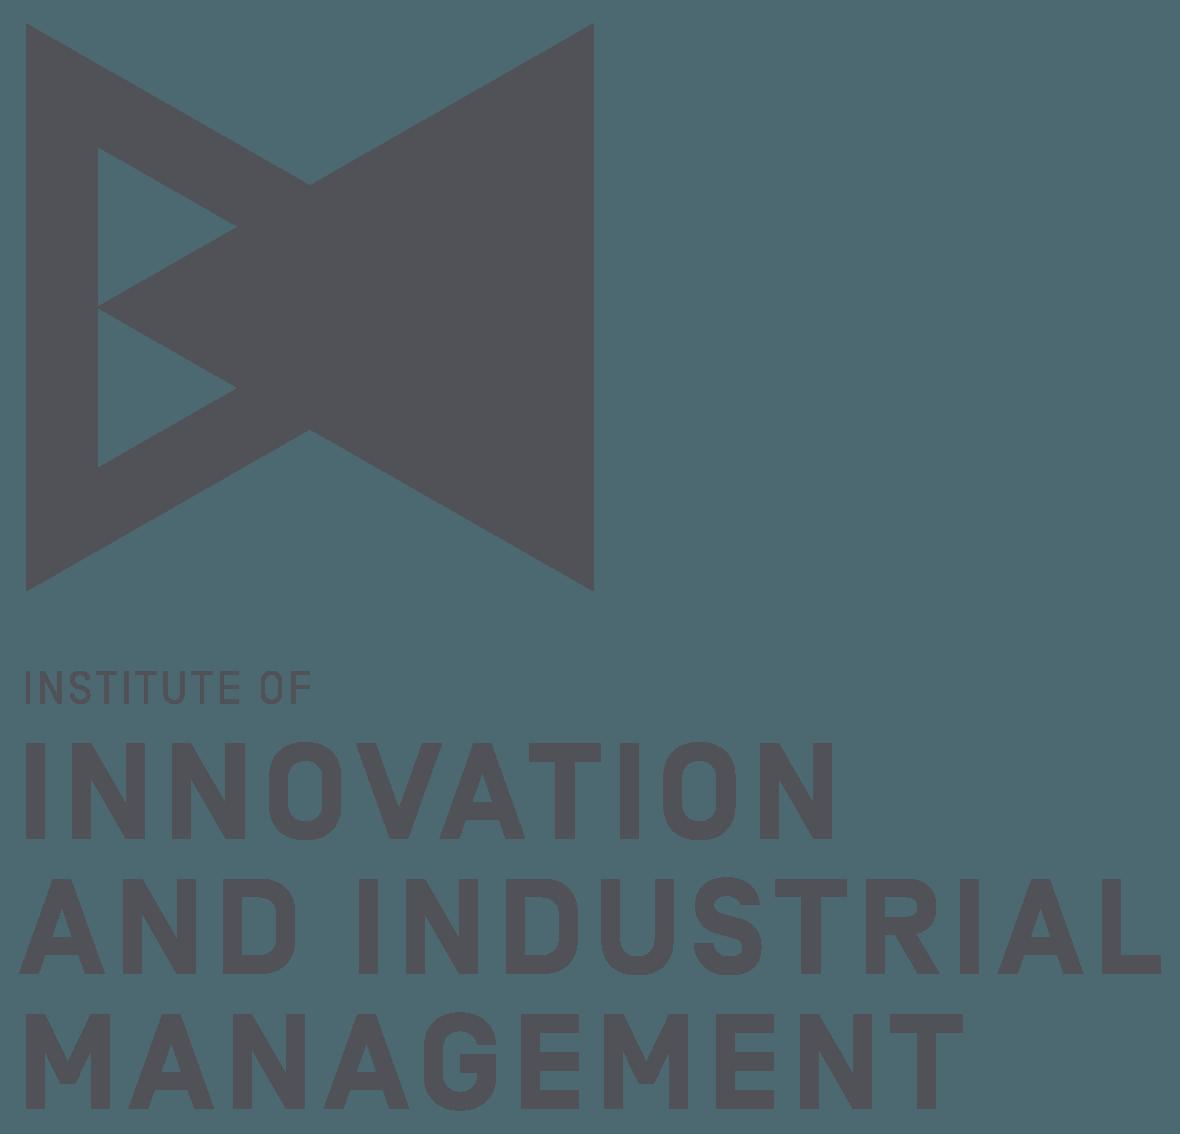 TU Graz Institut für Innovation und Industrie Management